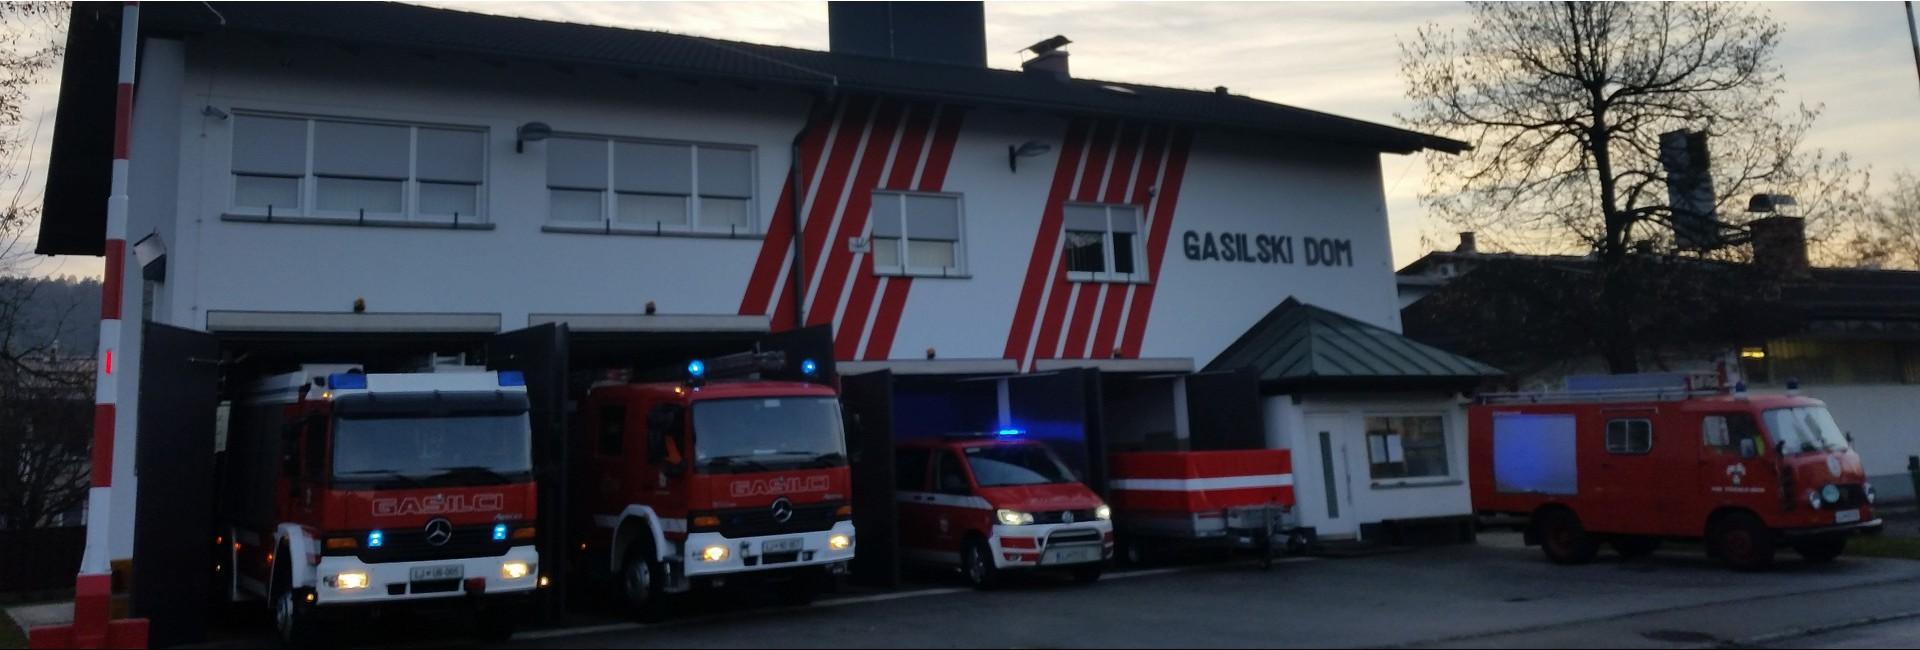 Prostovoljno gasilsko društvo Vižmarje - Brod